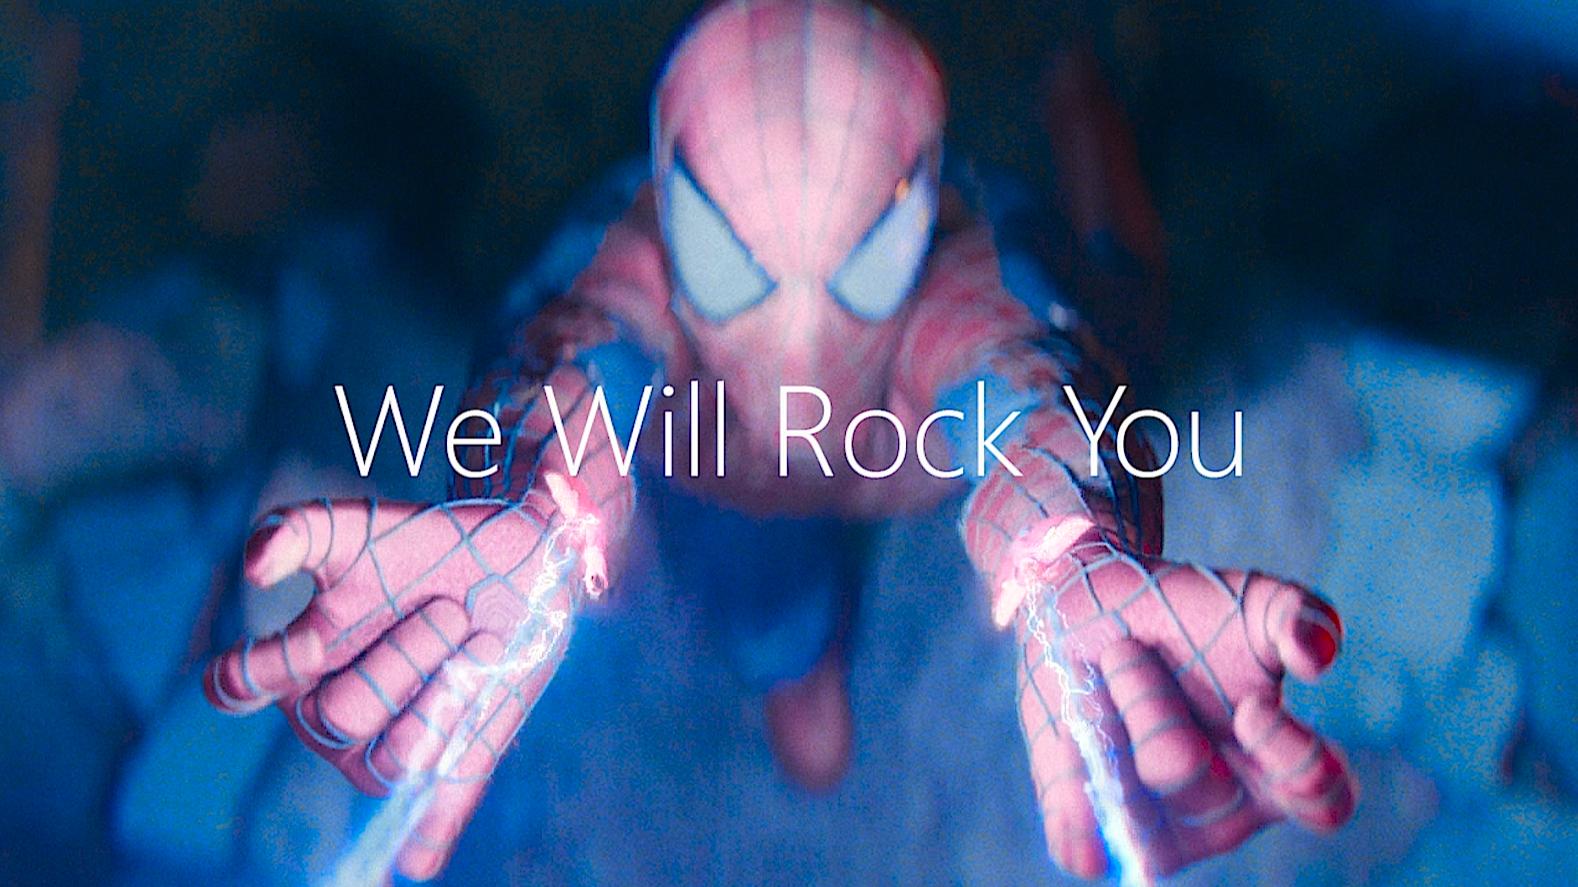 【漫威/燃剪/踩点衔接】We Will Rock You!一起来感受吧!